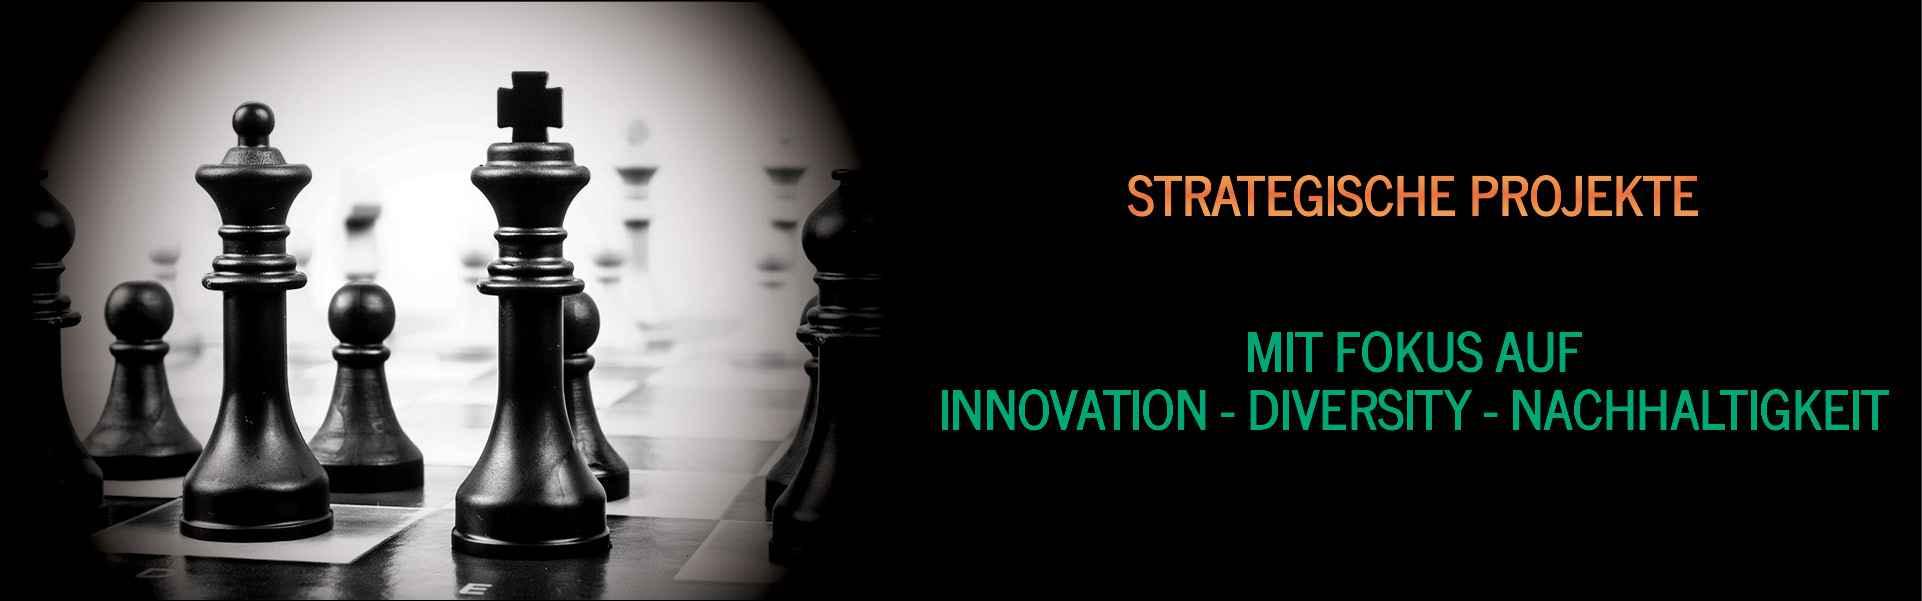 Strategische Projekte mit Fokus auf Innovation Diversity Nachhaltigkeit Startups